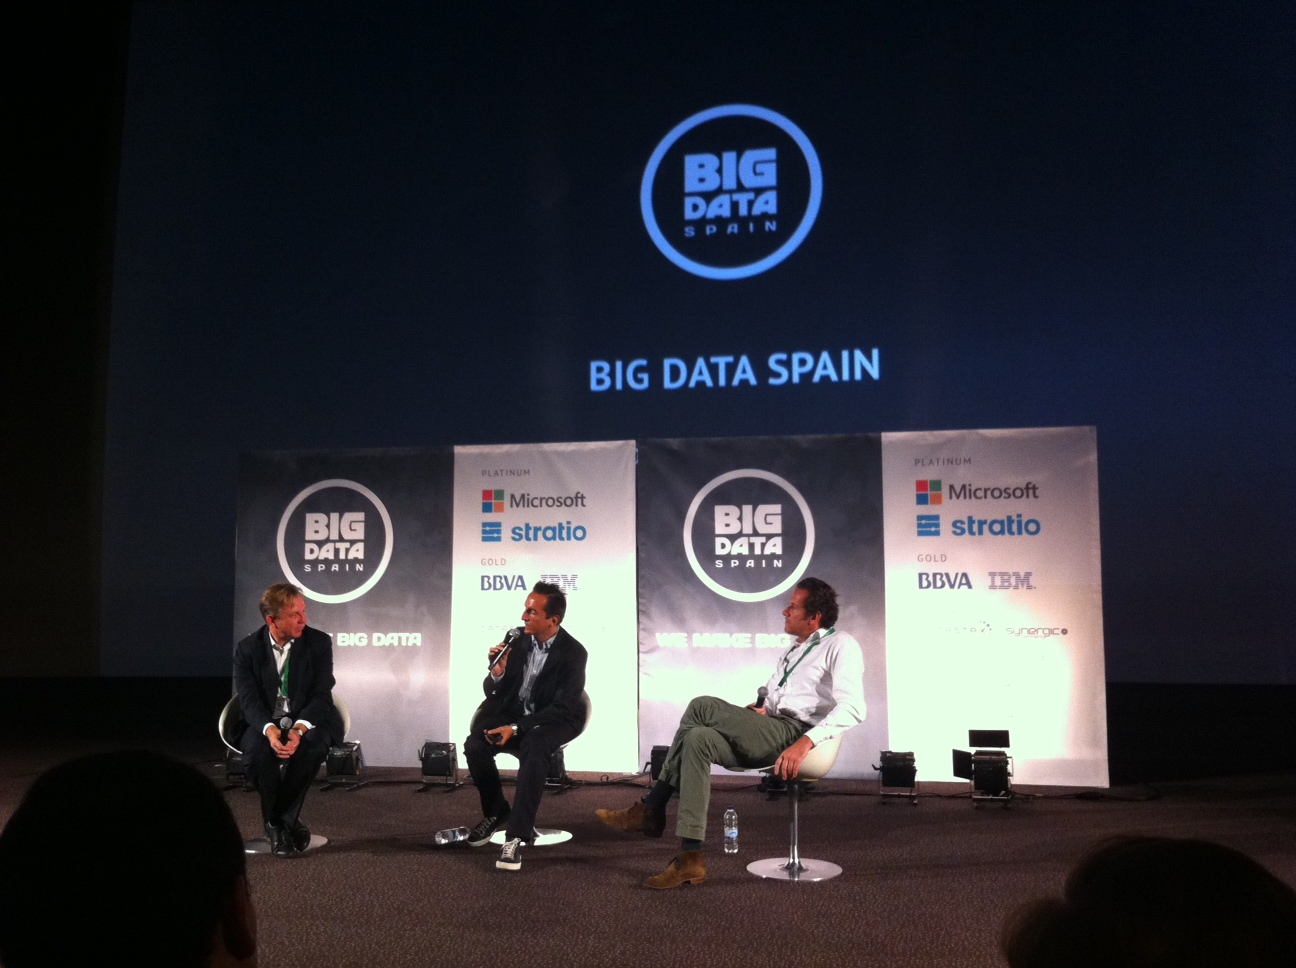 BigData Spain 2014